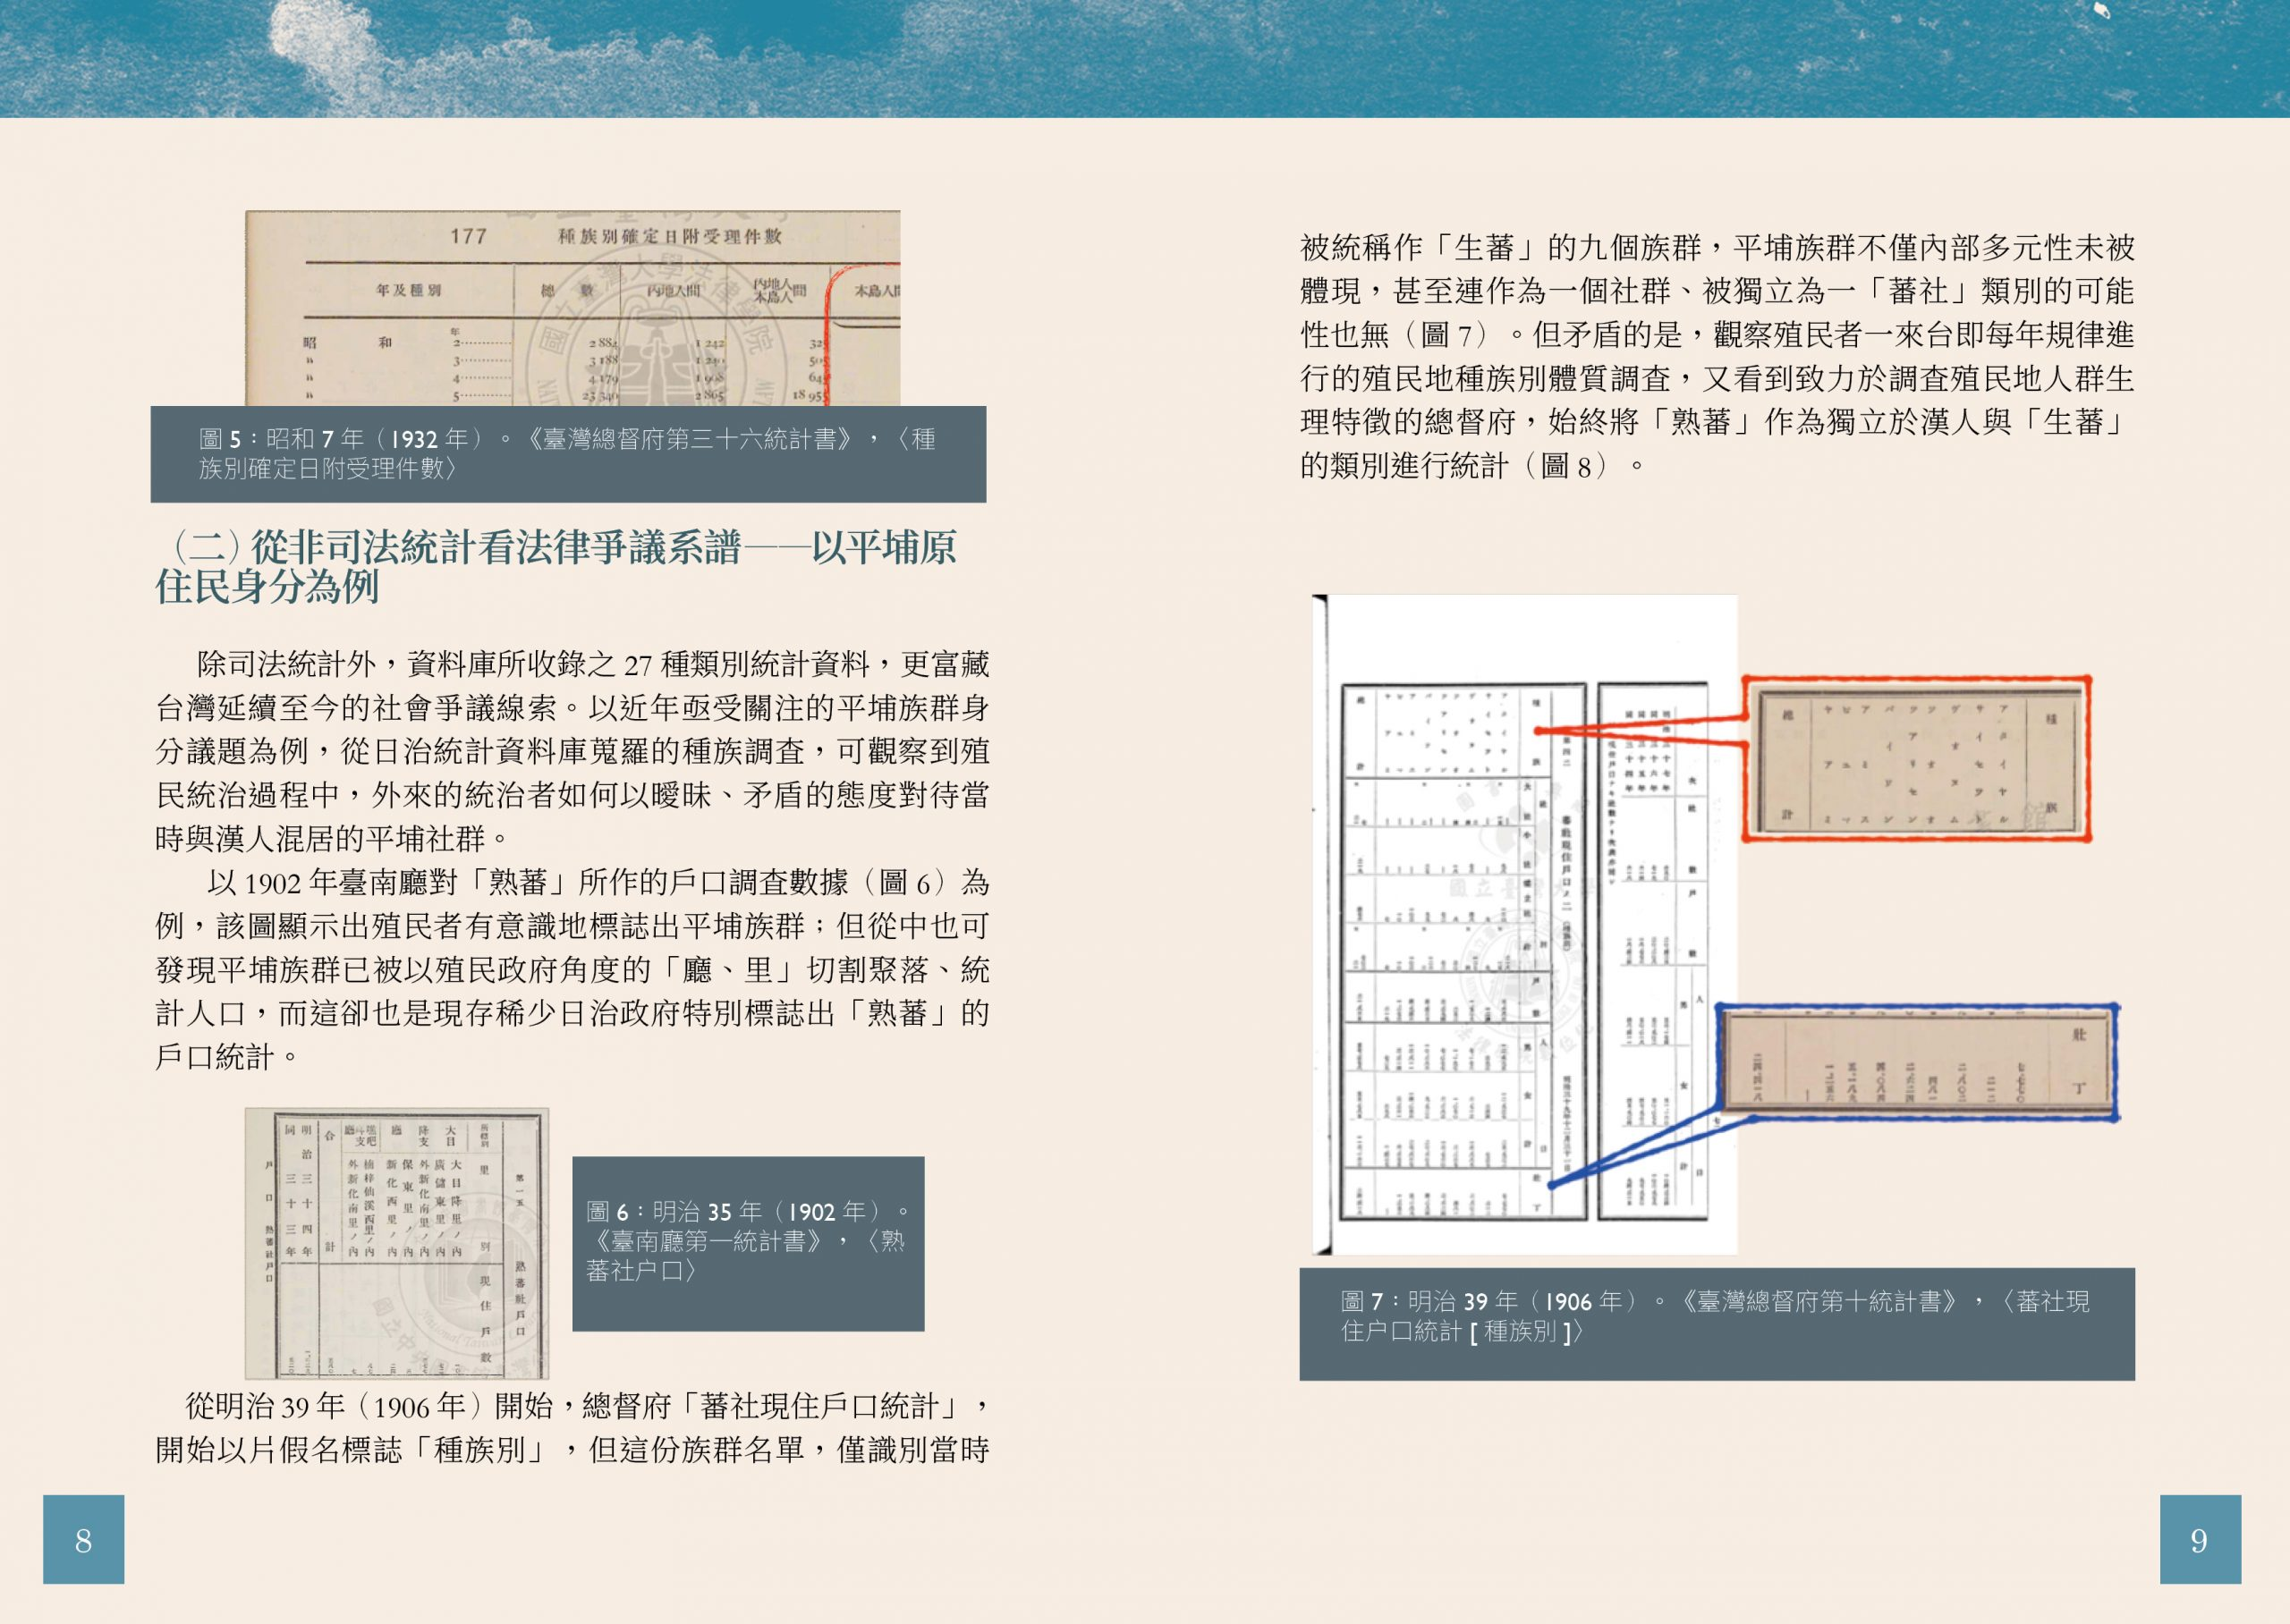 台灣法實證資料庫介紹手冊內文_1001-25